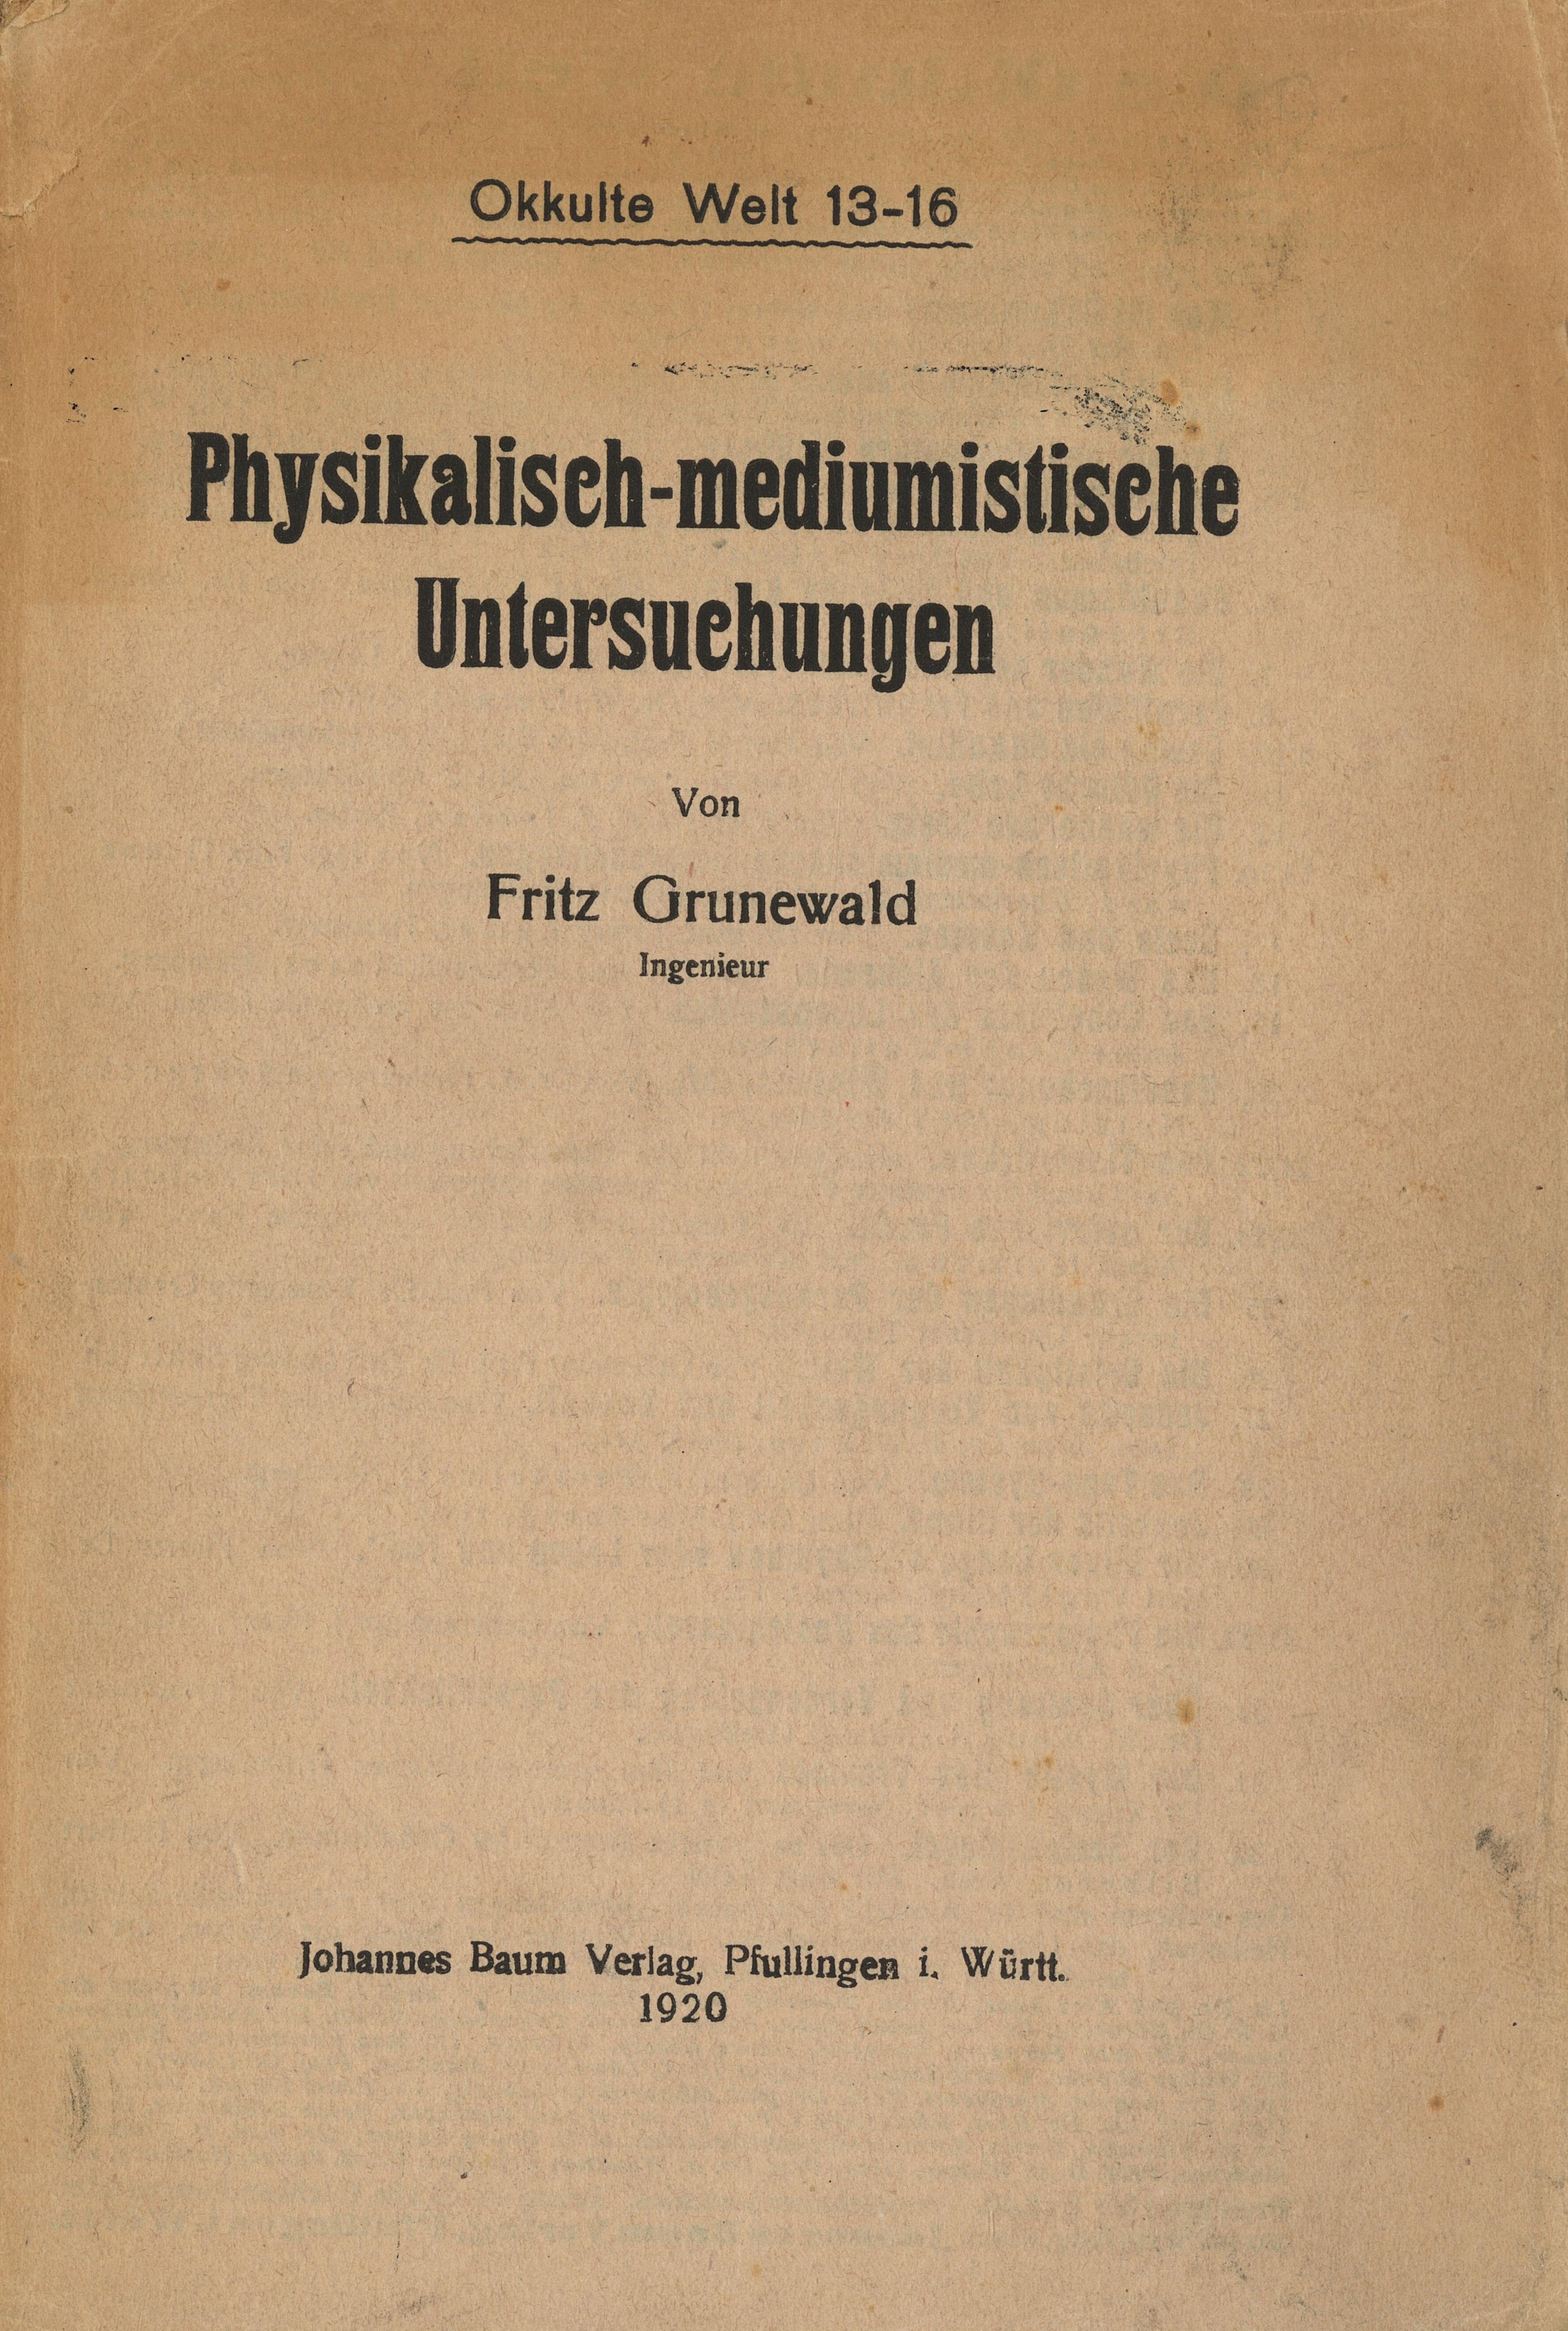 Physikalisch-mediumistische Untersuchungen, Autor: Ingenieur Fritz Grunewald, Verlag: Johannes Baum, Pfullingen in Württemberg 1920